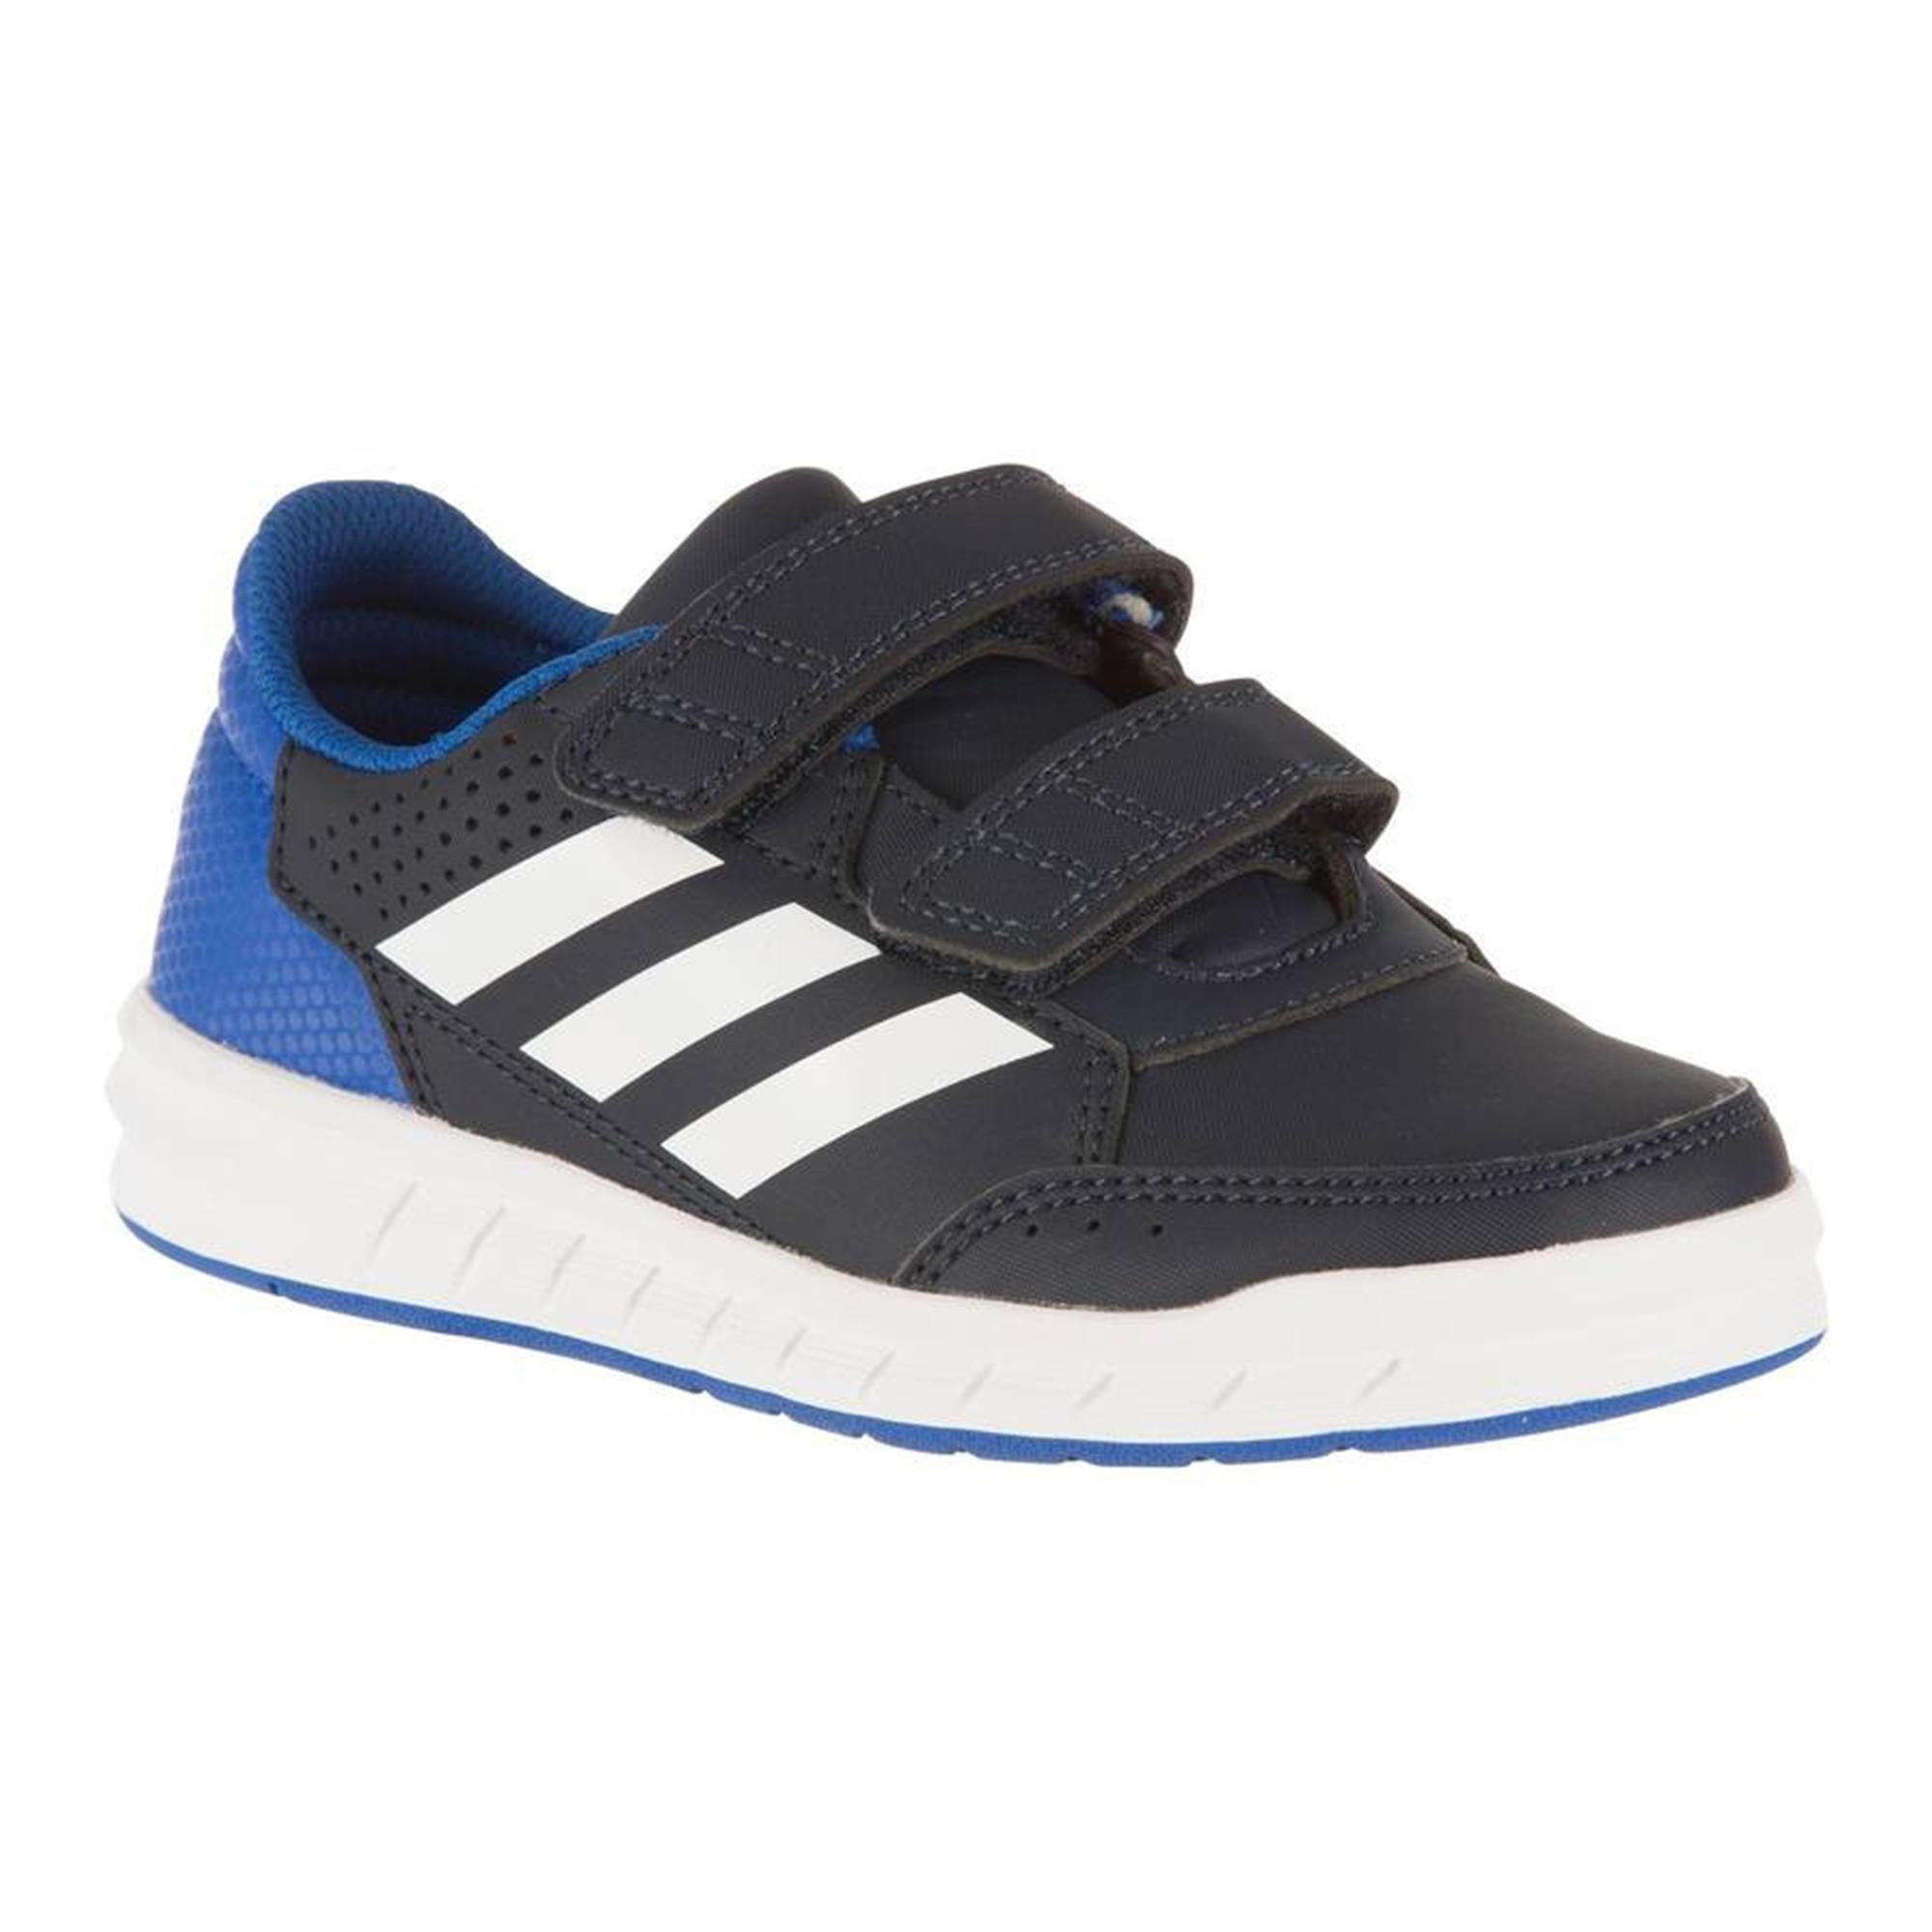 best online cozy fresh excellent quality Chaussures de tennis enfant | DECATHLON